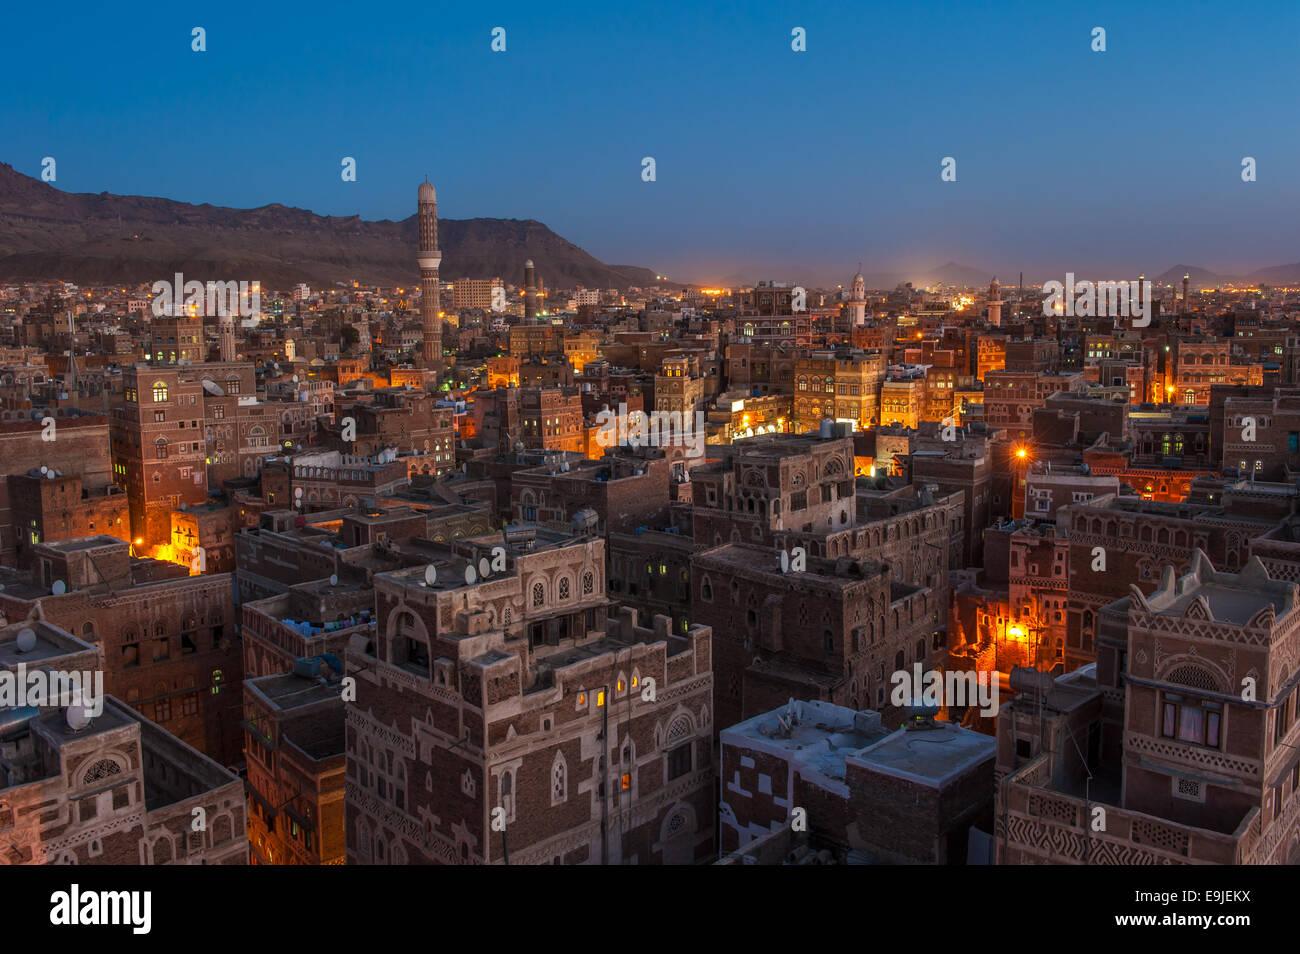 Panorama of Sanaa at night, Yemen - Stock Image